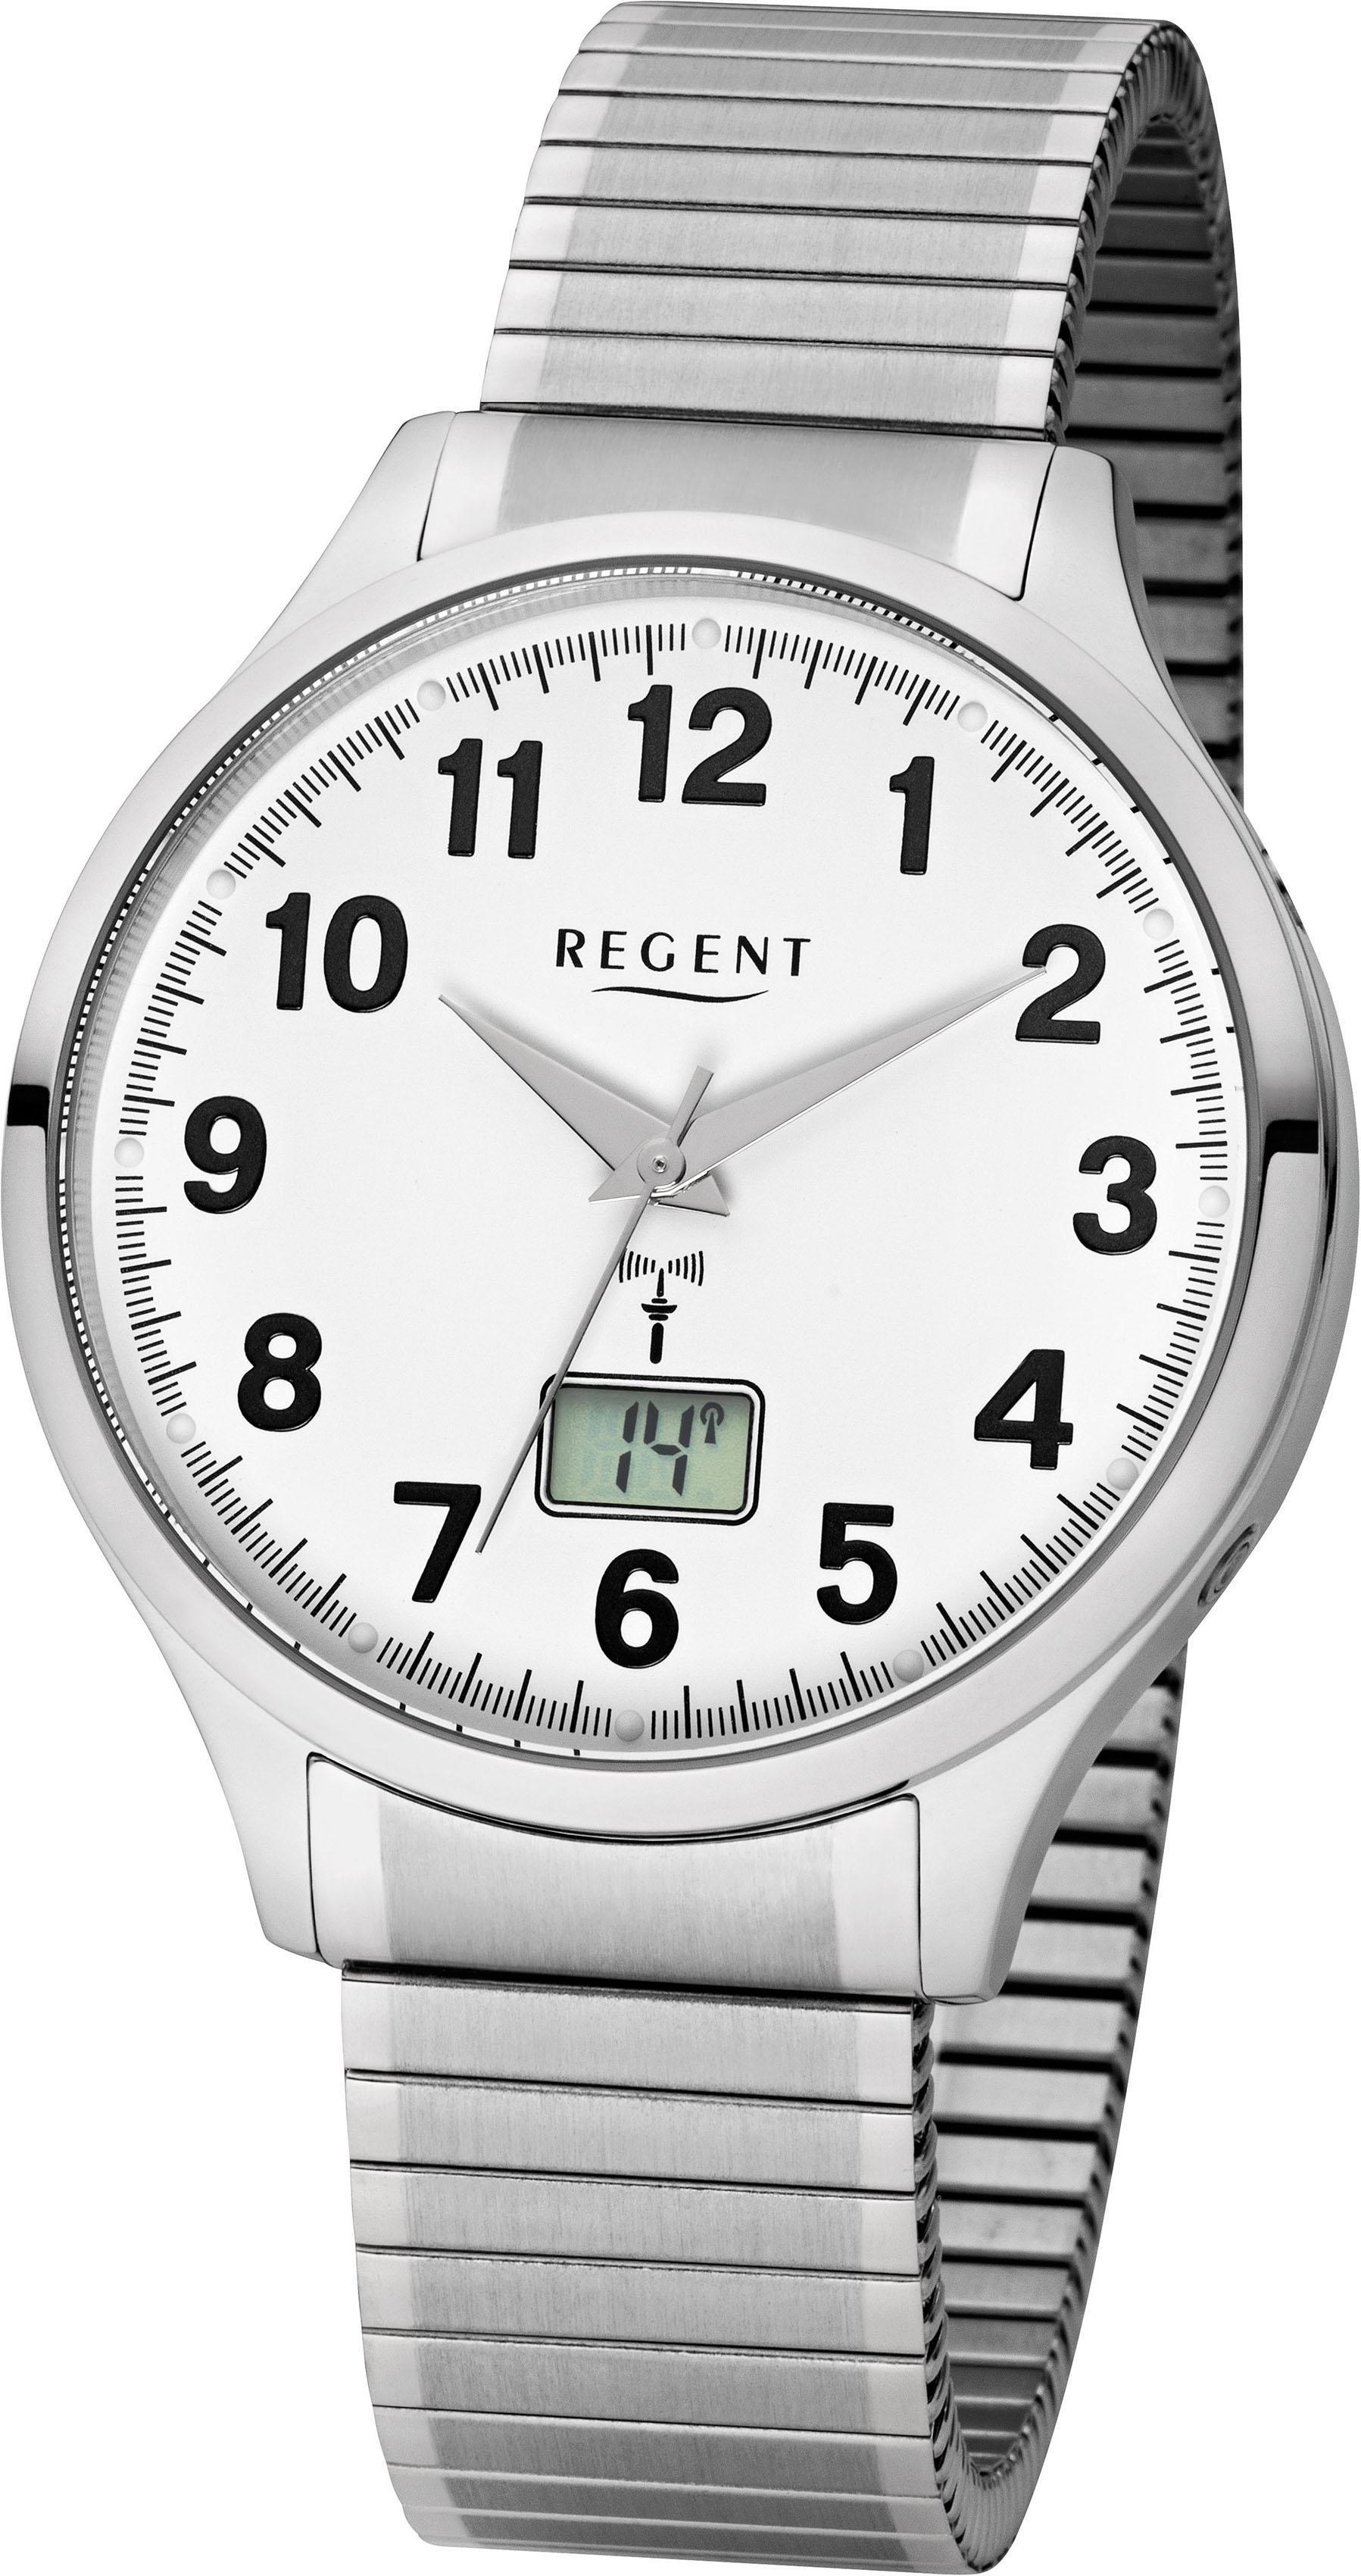 Regent Funkuhr 18414089 FR211 | Uhren > Funkuhren | Regent